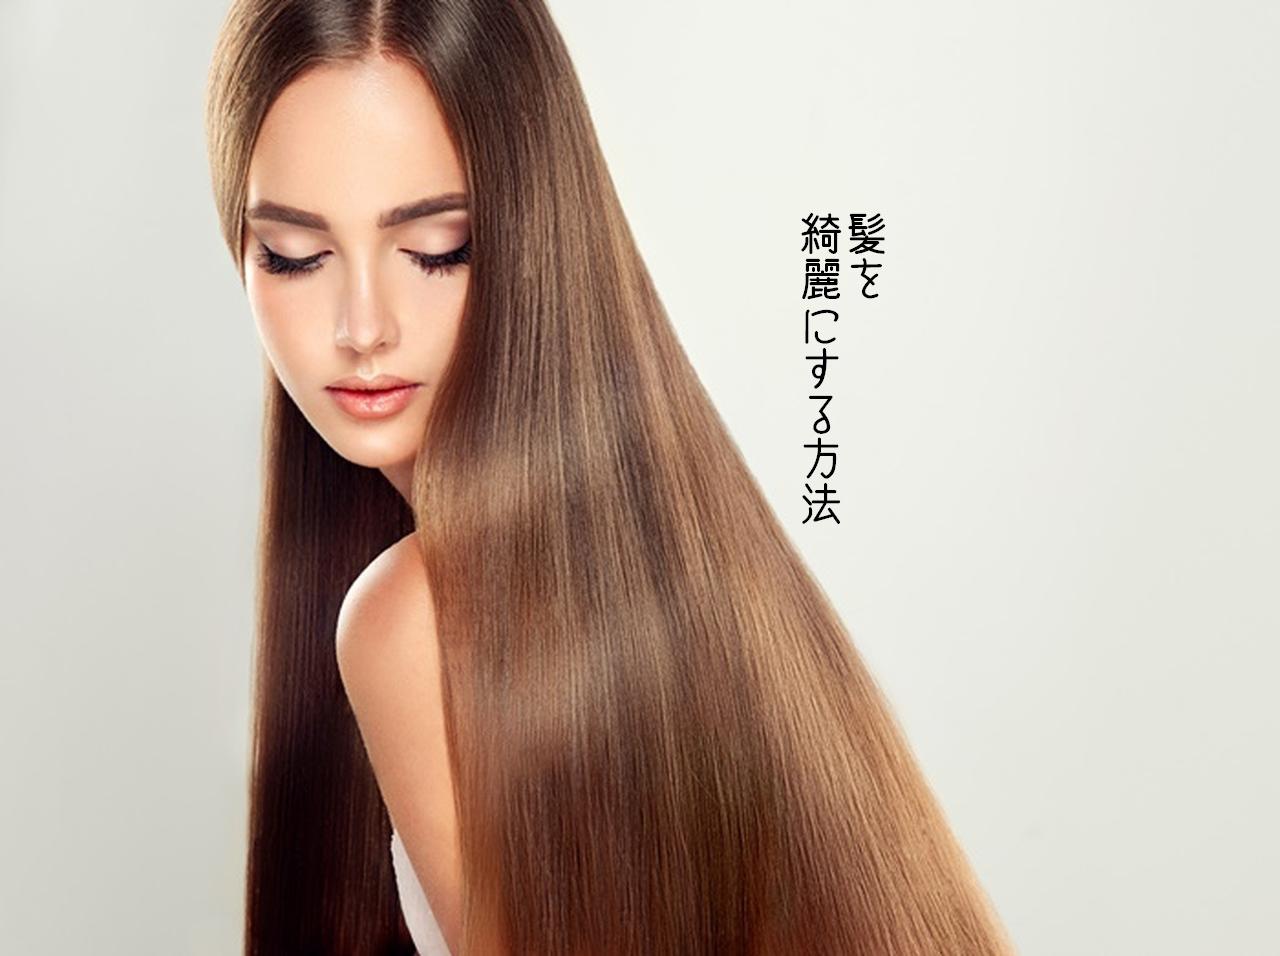 髪の毛を市販のトリートメントとアレだけで綺麗にする方法